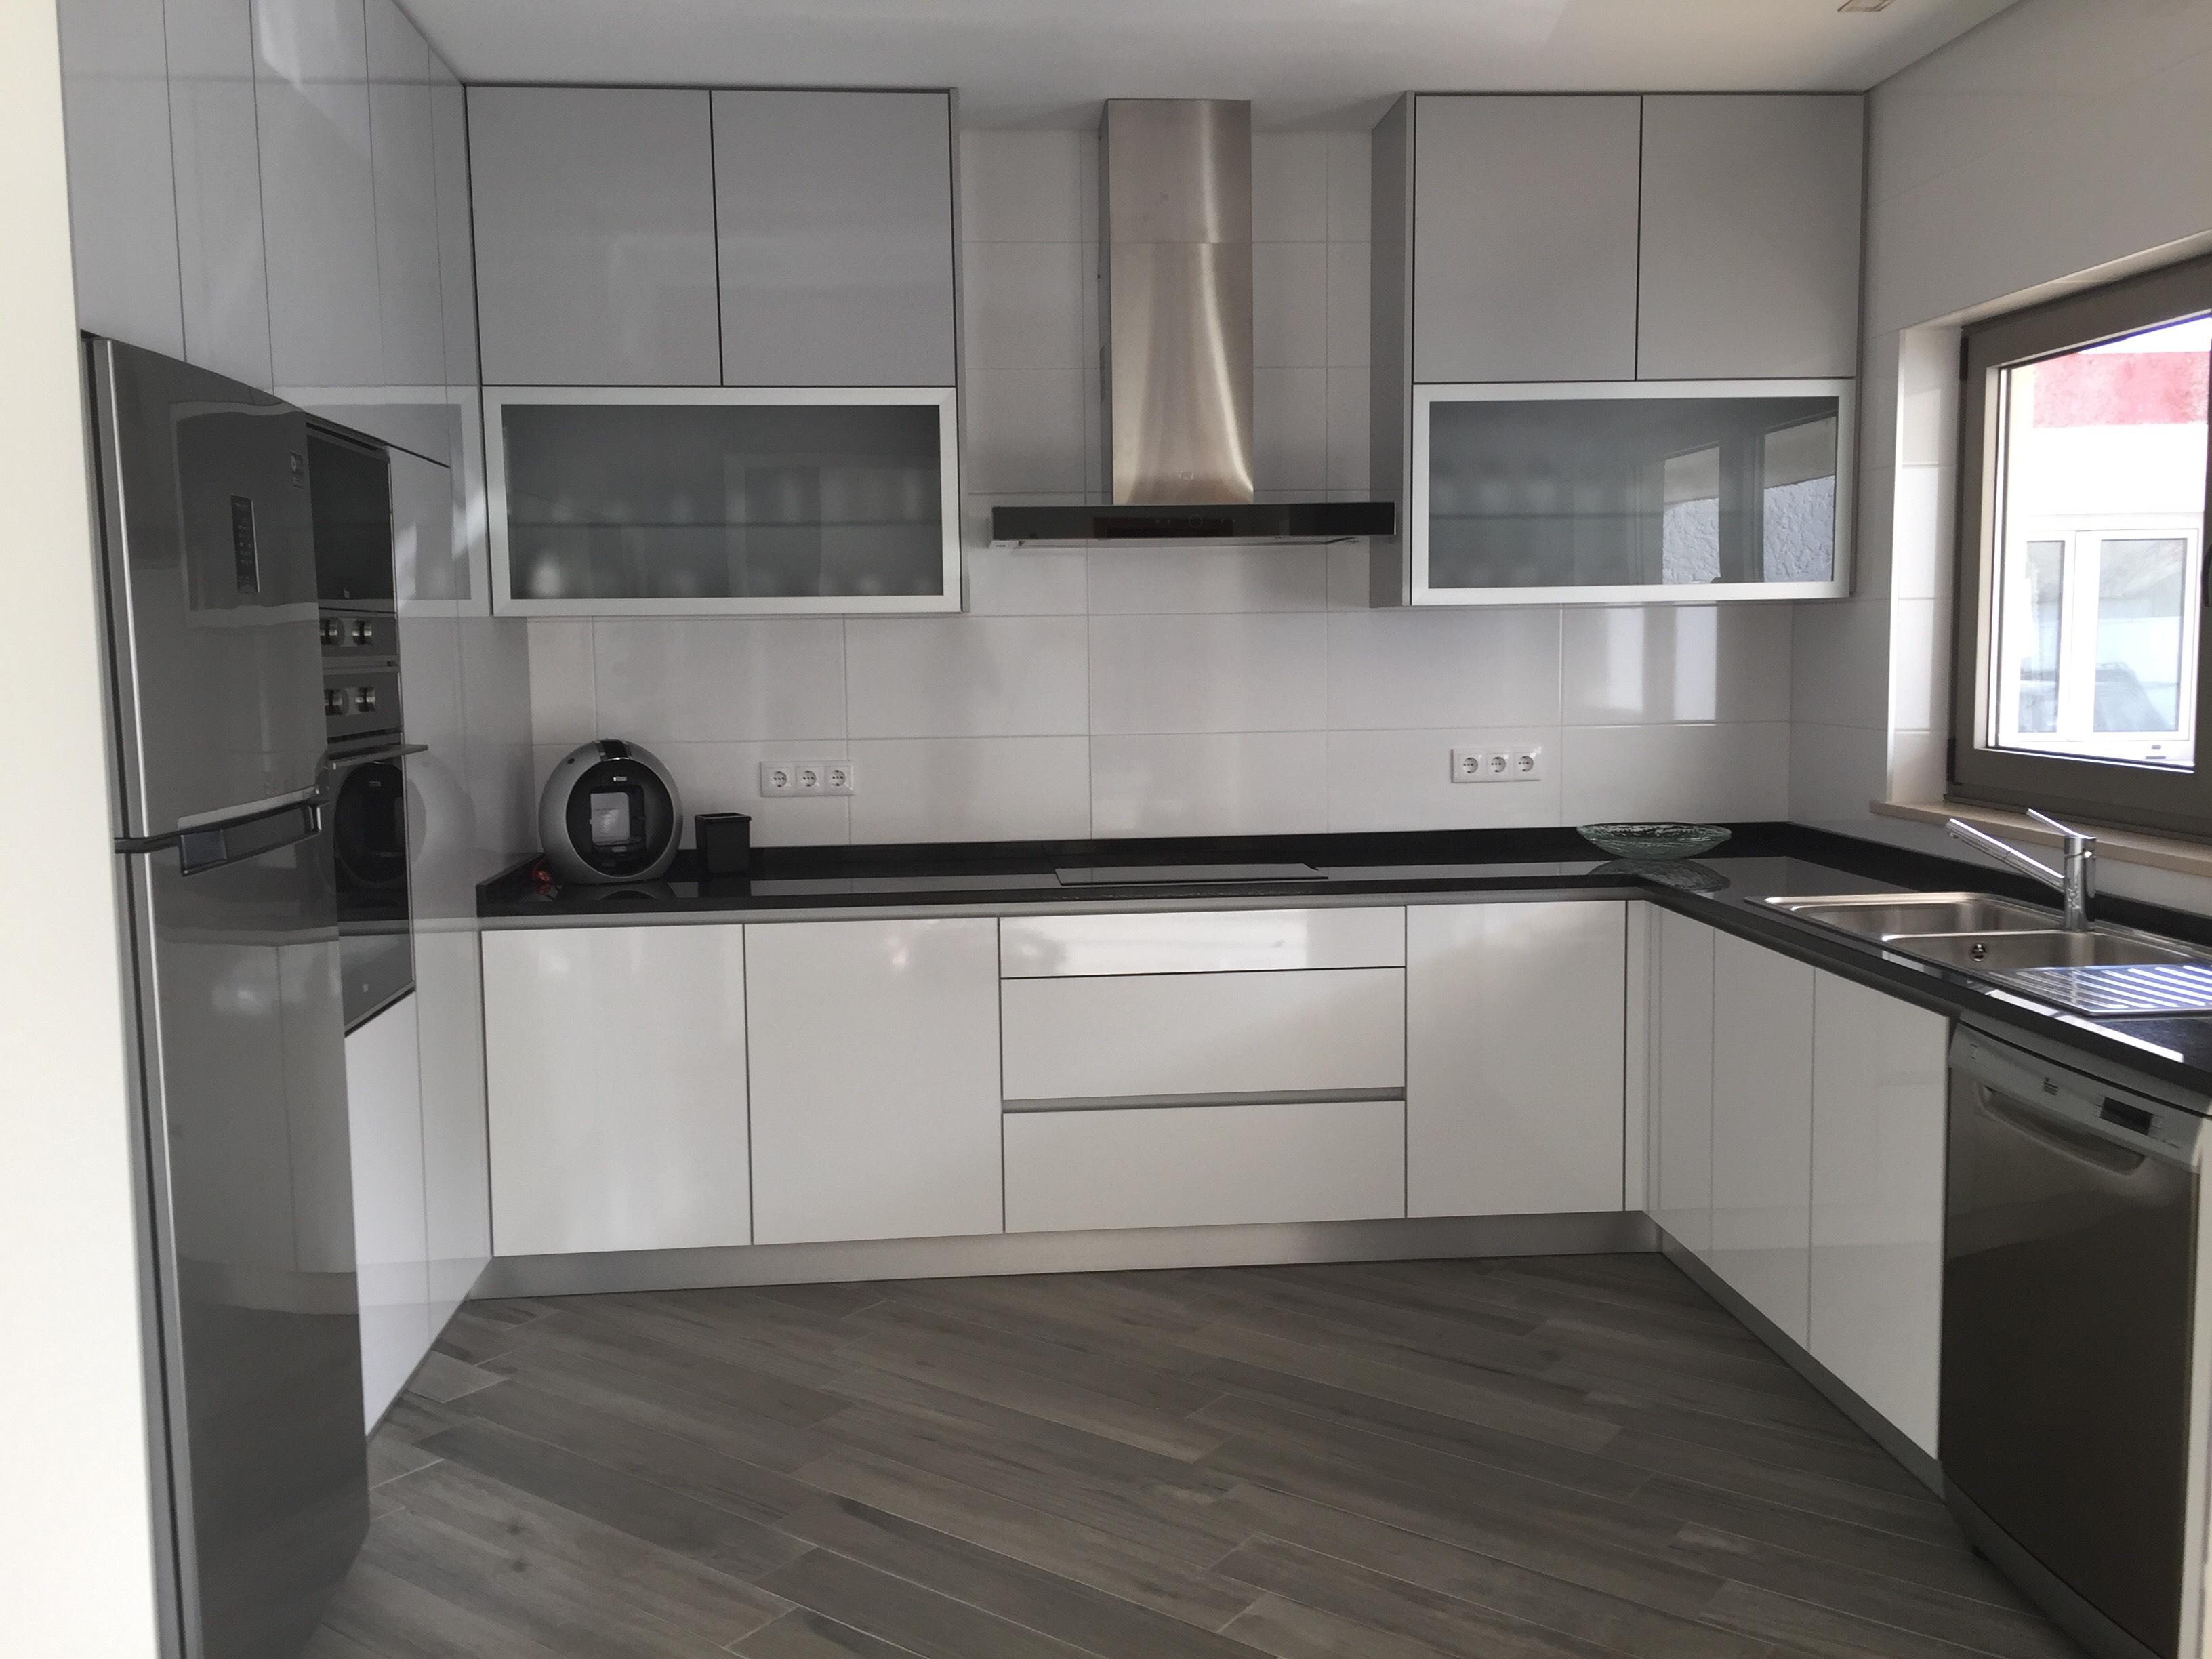 Cozinha em Termolaminado Branco e Cinza Claro Brilho com puxador perfil de alumínio